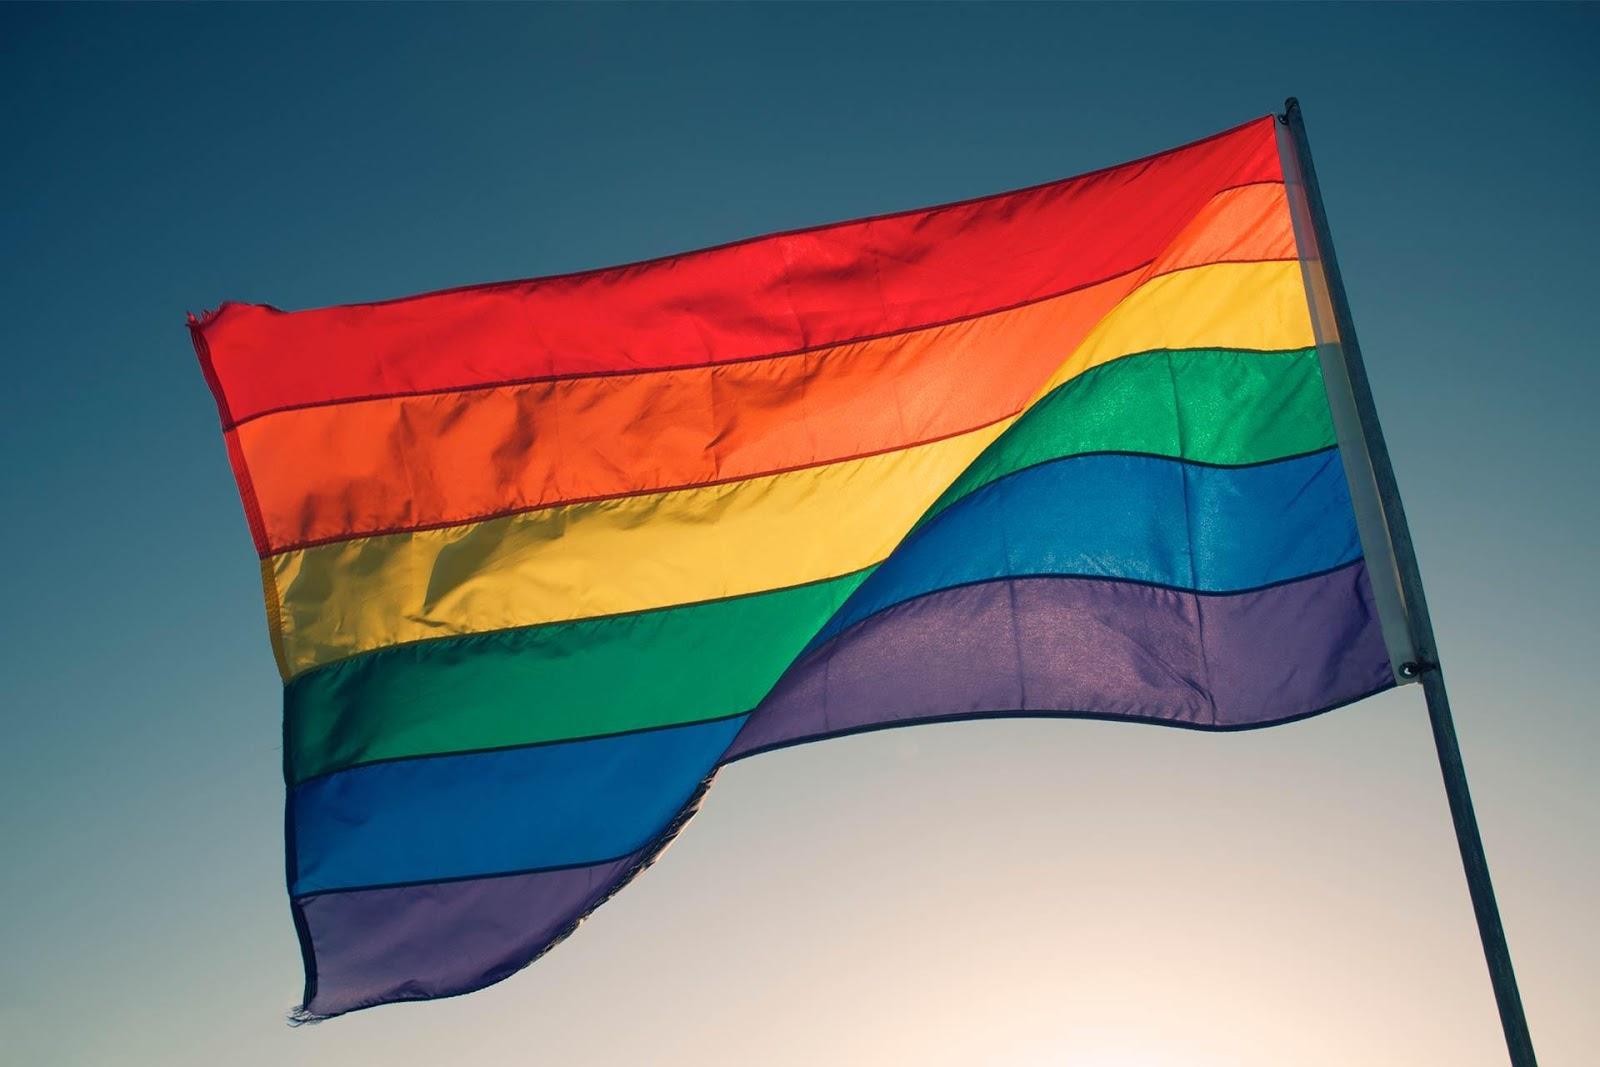 Centro de Promoção e Defesa dos Direitos LGBT da Bahia promove debates sobre LGBTfobia | Bahia em tempo real